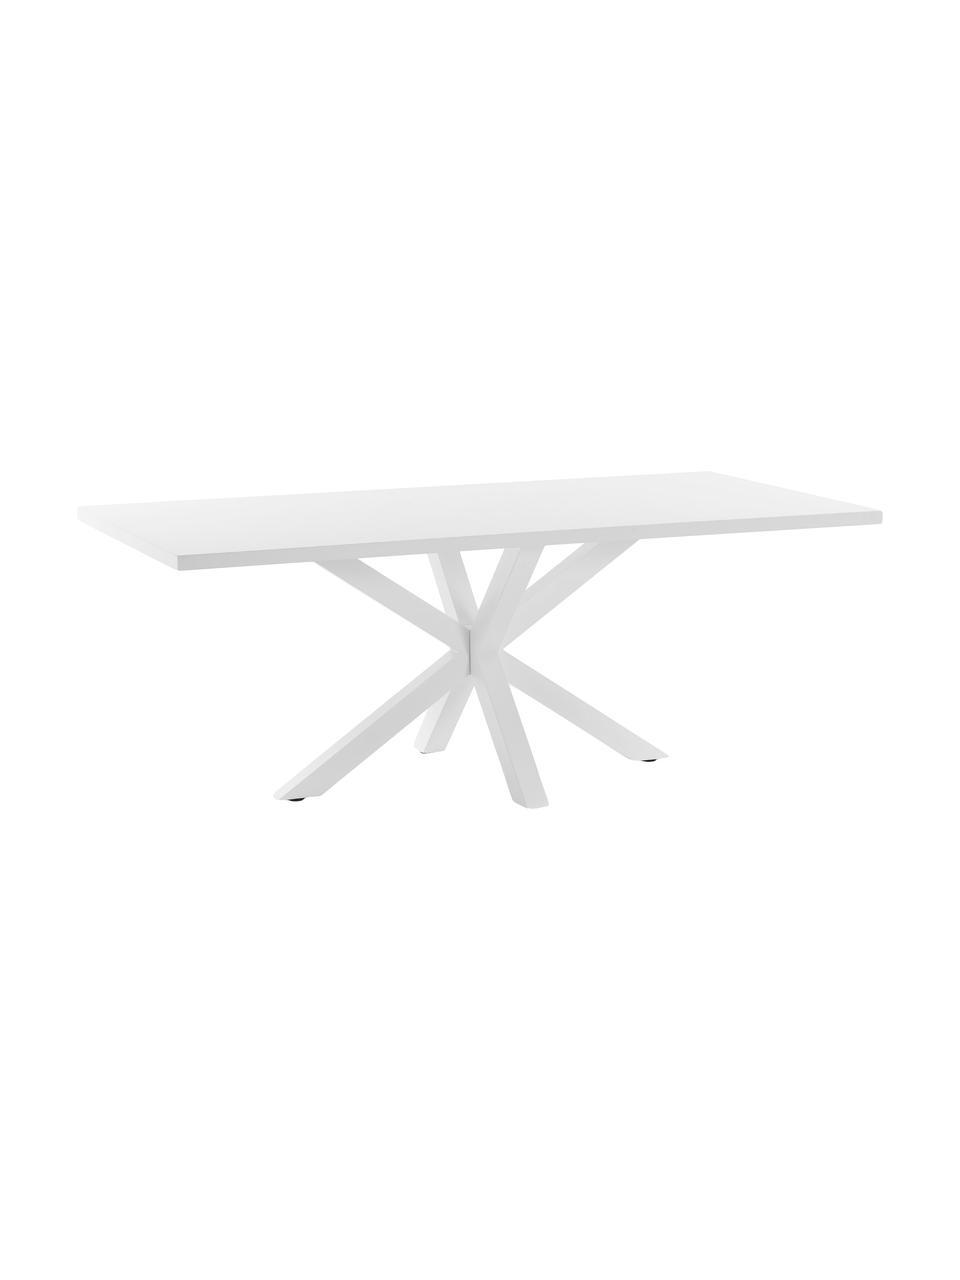 Tavolo bianco New-Arya, 160 x 100 cm, Legno, metallo, Bianco, Larg. 160 x Prof. 100 cm